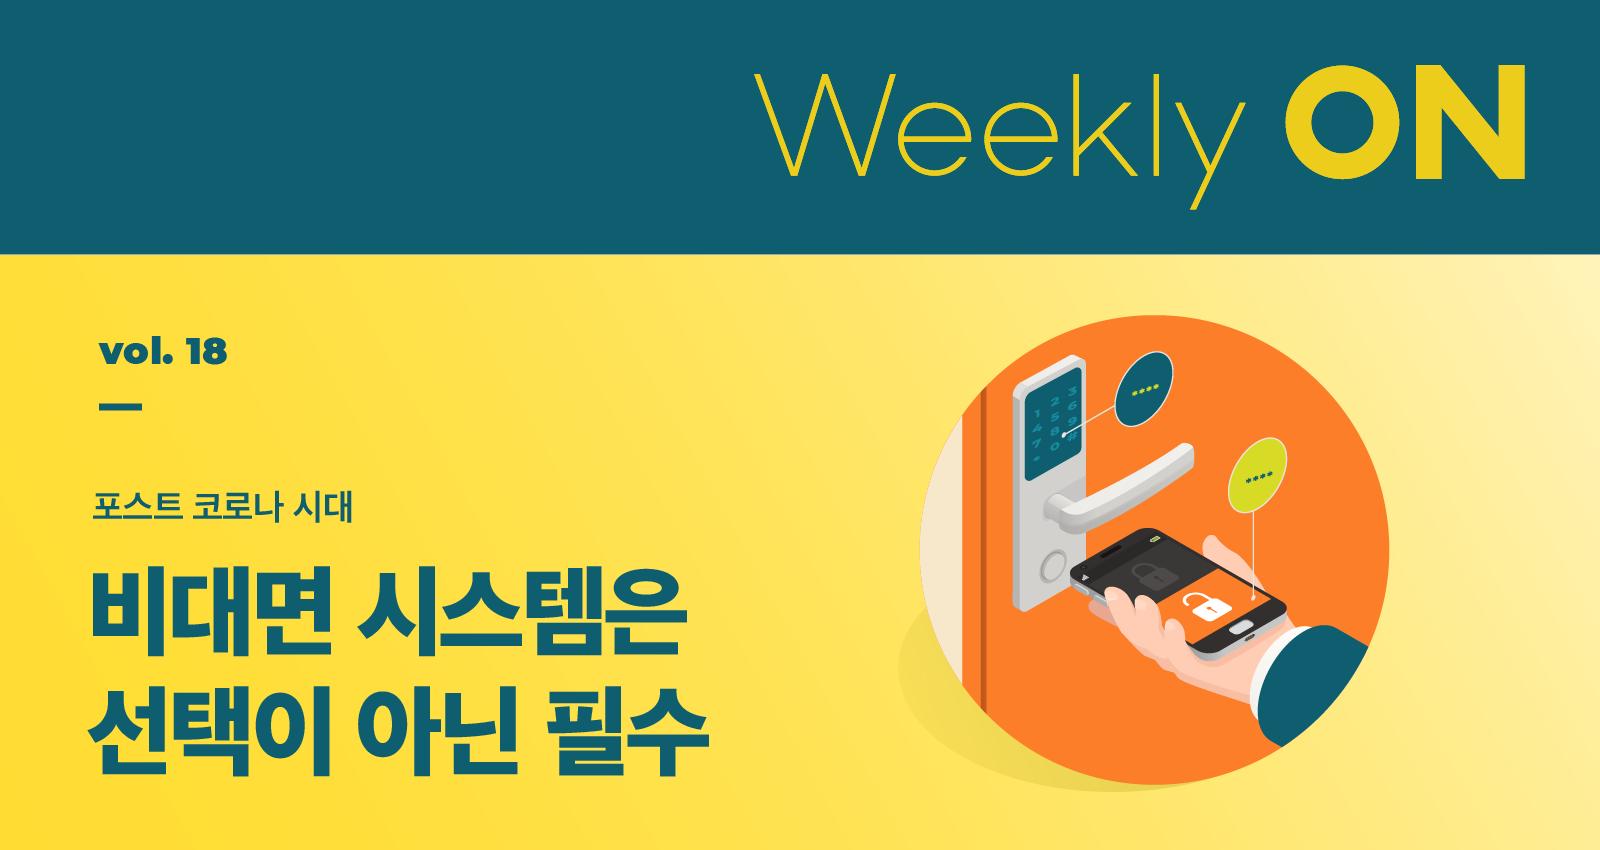 [뉴스레터] Weekly ON 2020년 8월 소식 (2020.08.25 업데이트)